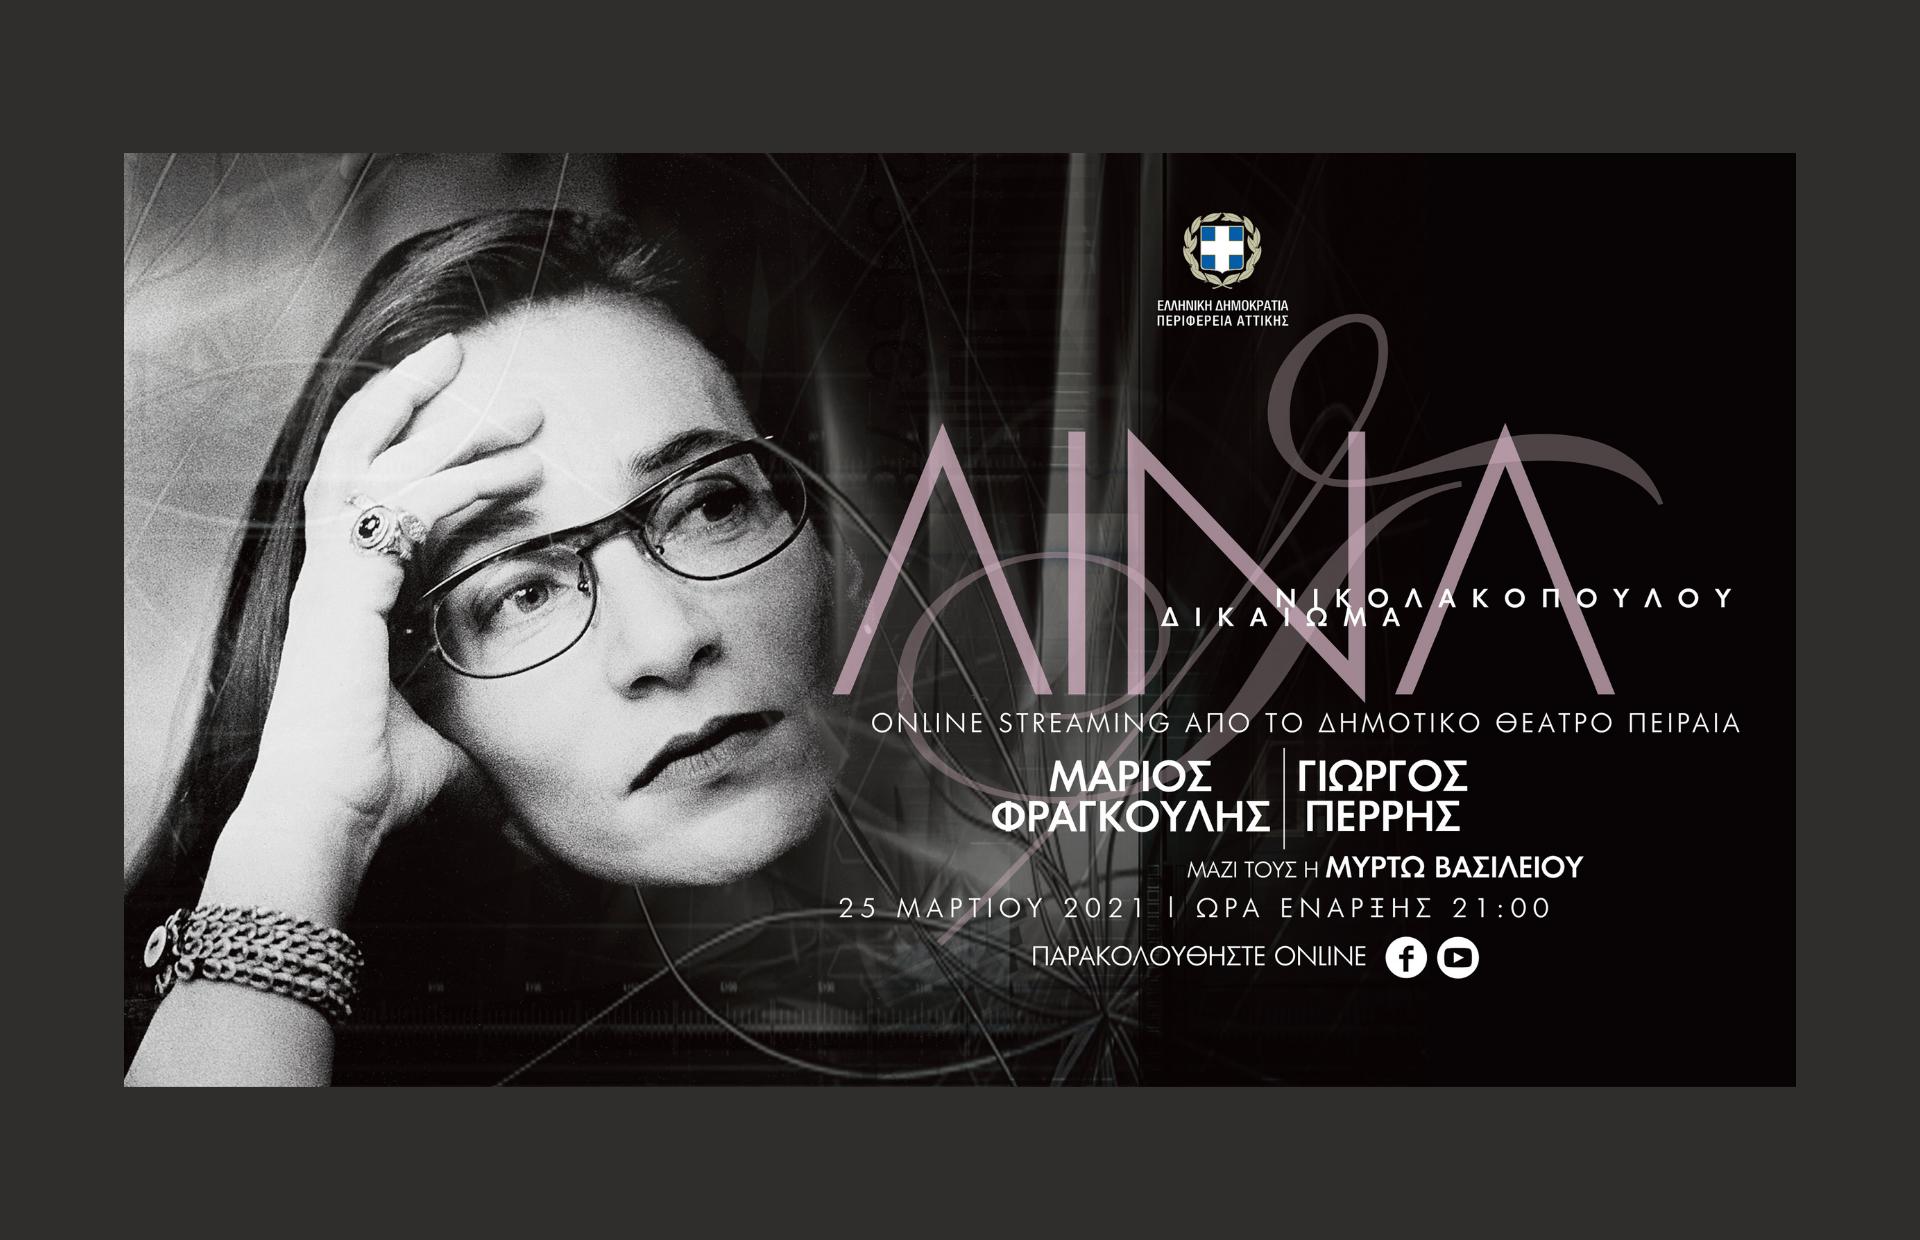 Συναυλία της Λίνας Νικολακοπούλου, Πέμπτη 25 Μαρτίου, από την Περιφέρεια Αττικής